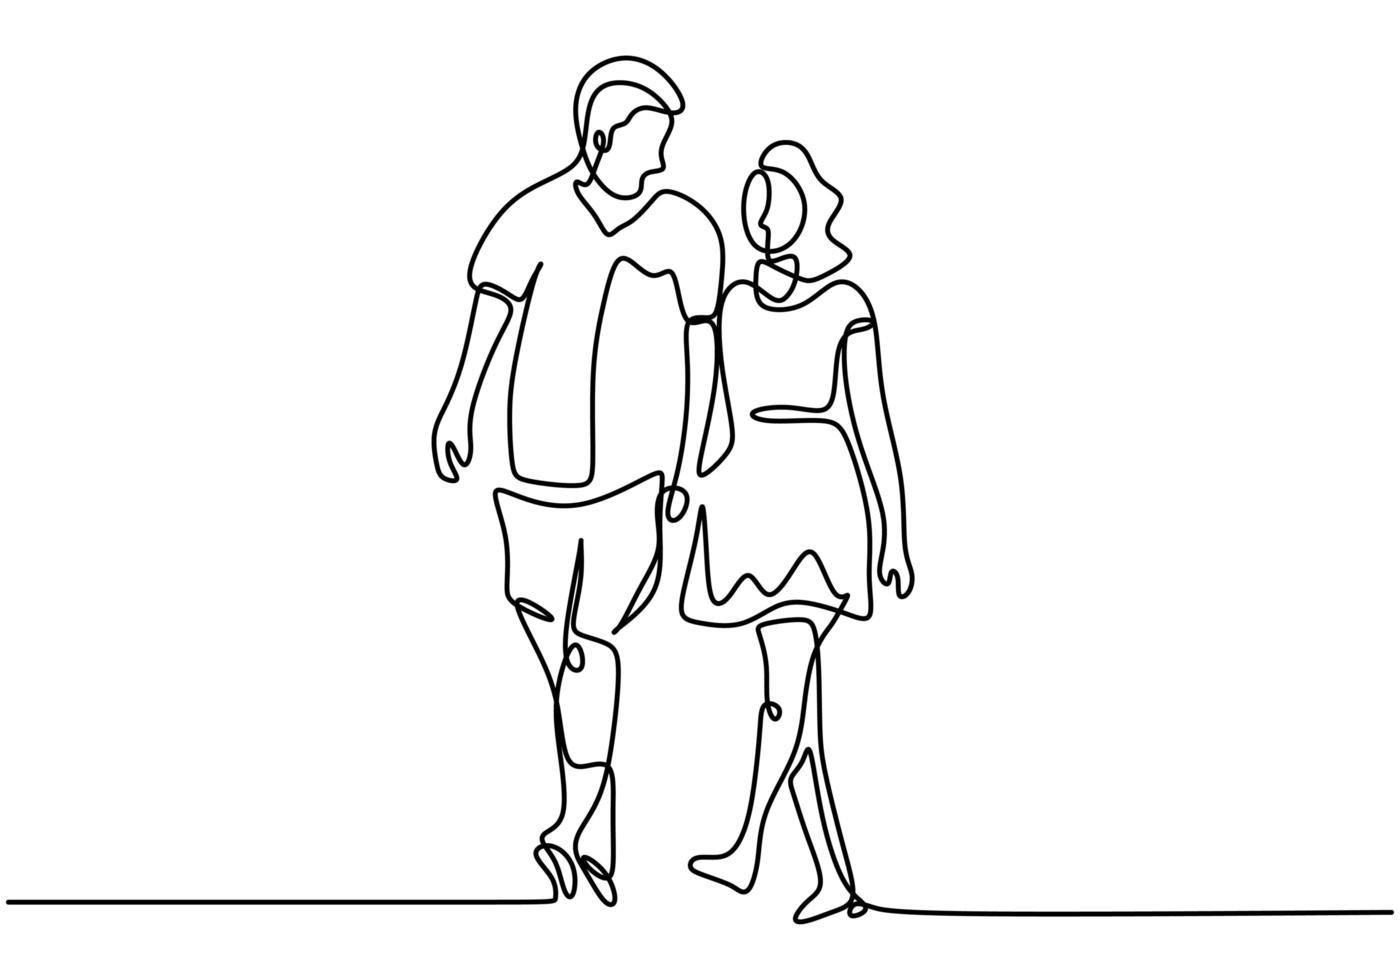 una coppia di linea che si tiene per mano. tema romanticismo e relazione. illustrazione vettoriale per carta di San Valentino, banner e poster.